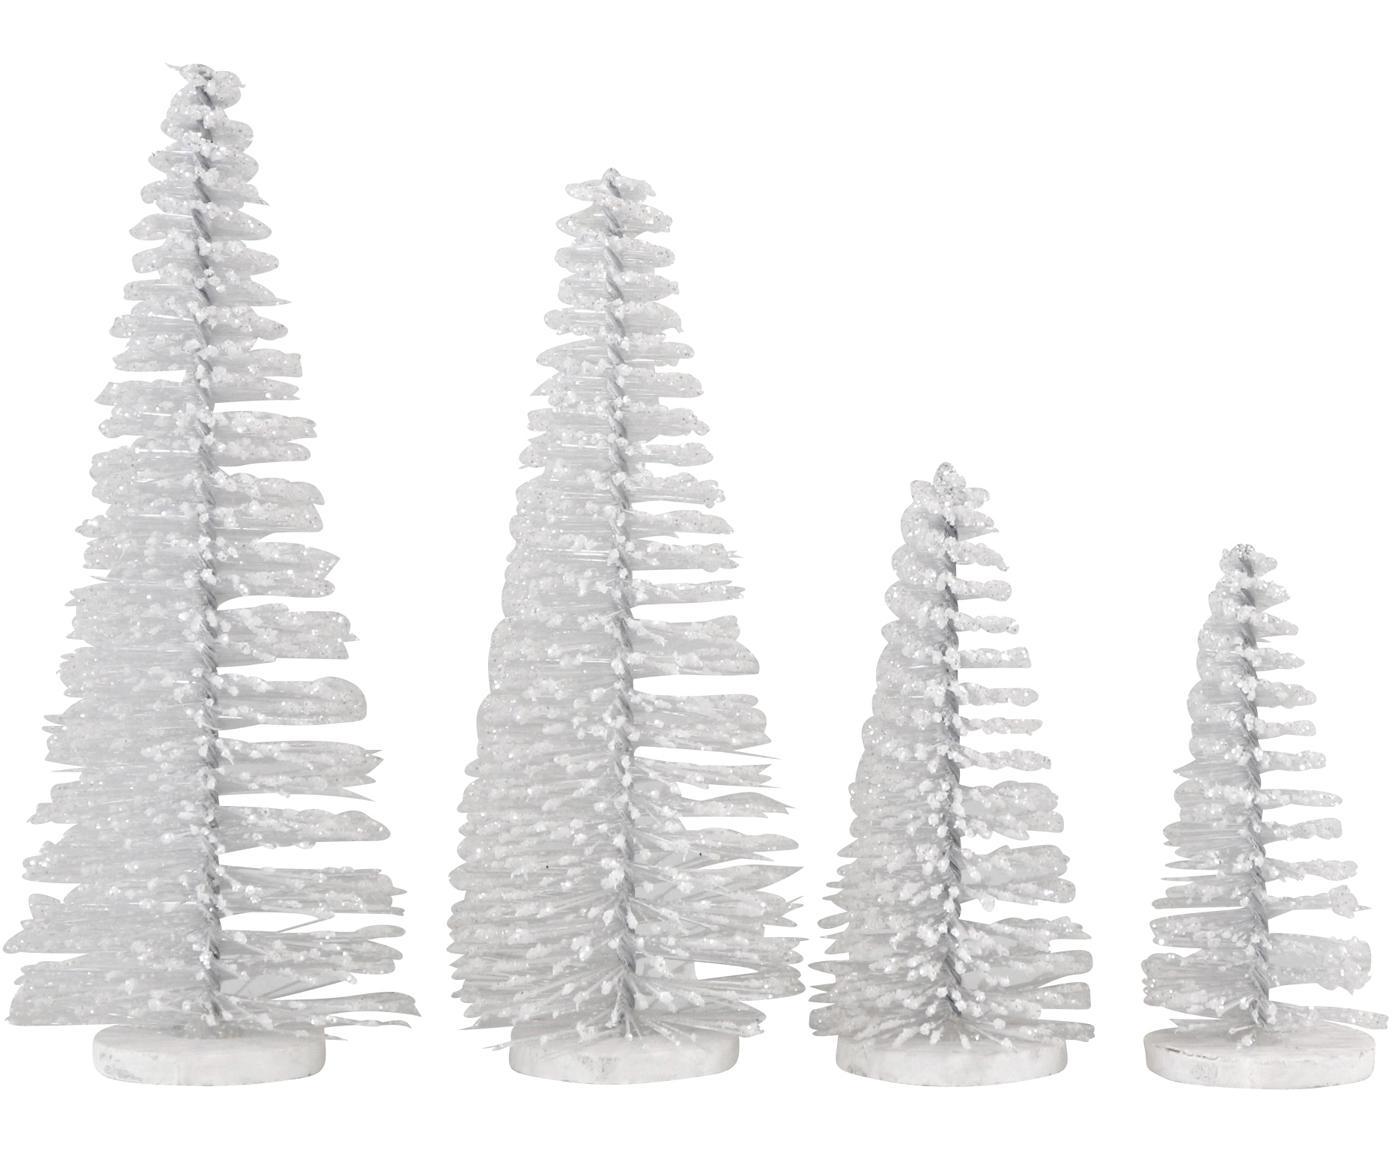 Deko-Objekt-Set Glam, 4-tlg., Kunststoff, Metall, Weiß, Sondergrößen